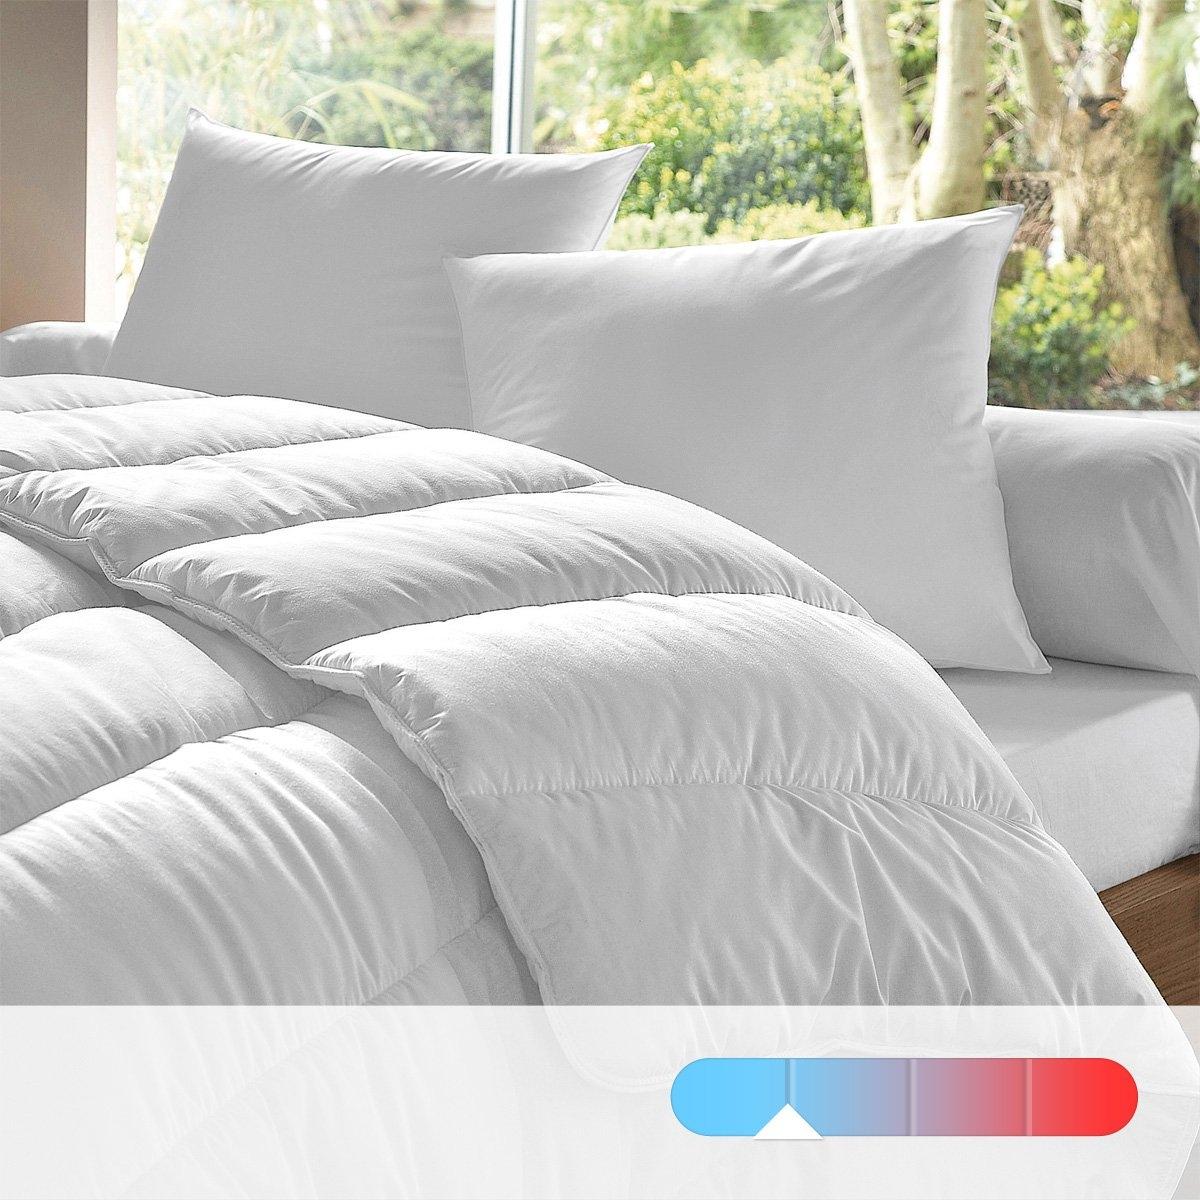 Одеяло из синтетики, 175 г/м?Легкое одеяло из полых силиконизированных волокон полиэстера, 175 г/м?. Обработка против клещей помогает бороться с респираторной аллергией. Идеально подходит для отапливаемых помещений с температурой 20° и более. Чехол из микрофибры, 50% хлопка, 50% полиэстера, 80 г/м?, 68 нитей/см?, 100% полиэстера. Стежка линиями. Отделка кантом и двойной строчкой. Стирка при 60°.<br><br>Цвет: белый<br>Размер: 75 x 120  см